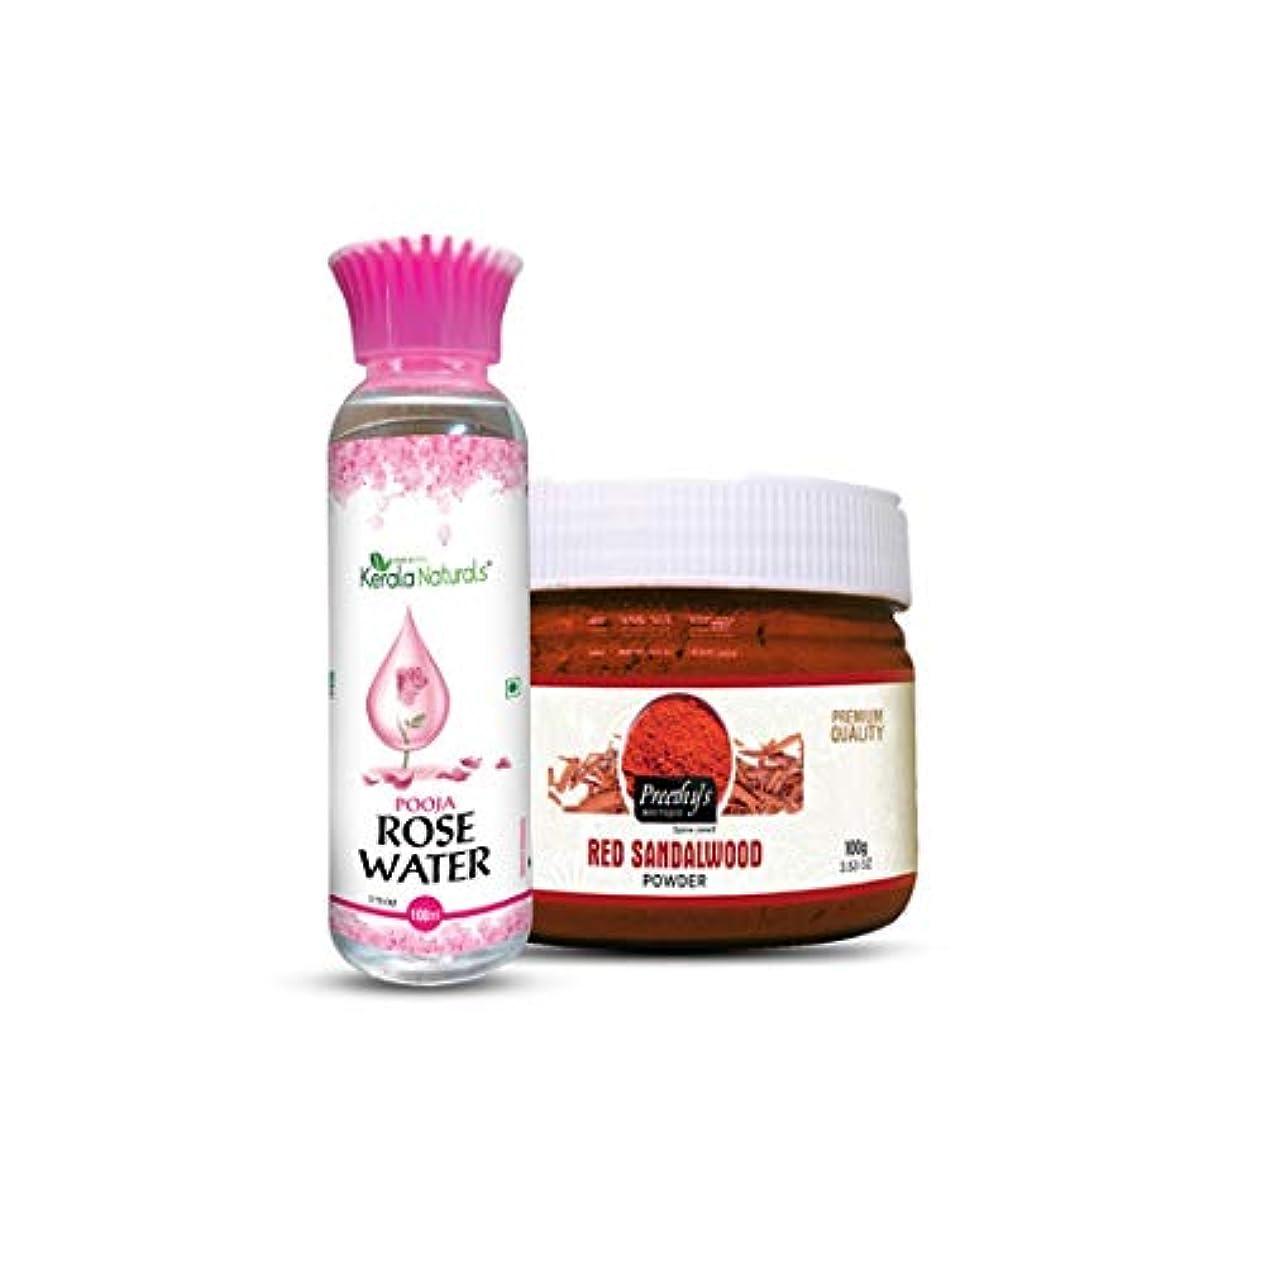 遠洋の満たすサルベージCombo of Red sandalwood powder 100gm+ Rose water 100ml - Enhancing the beauty of the Skin - 赤白檀パウダー100gm +ローズウォーター100mlのコンボ-肌の美しさを高める